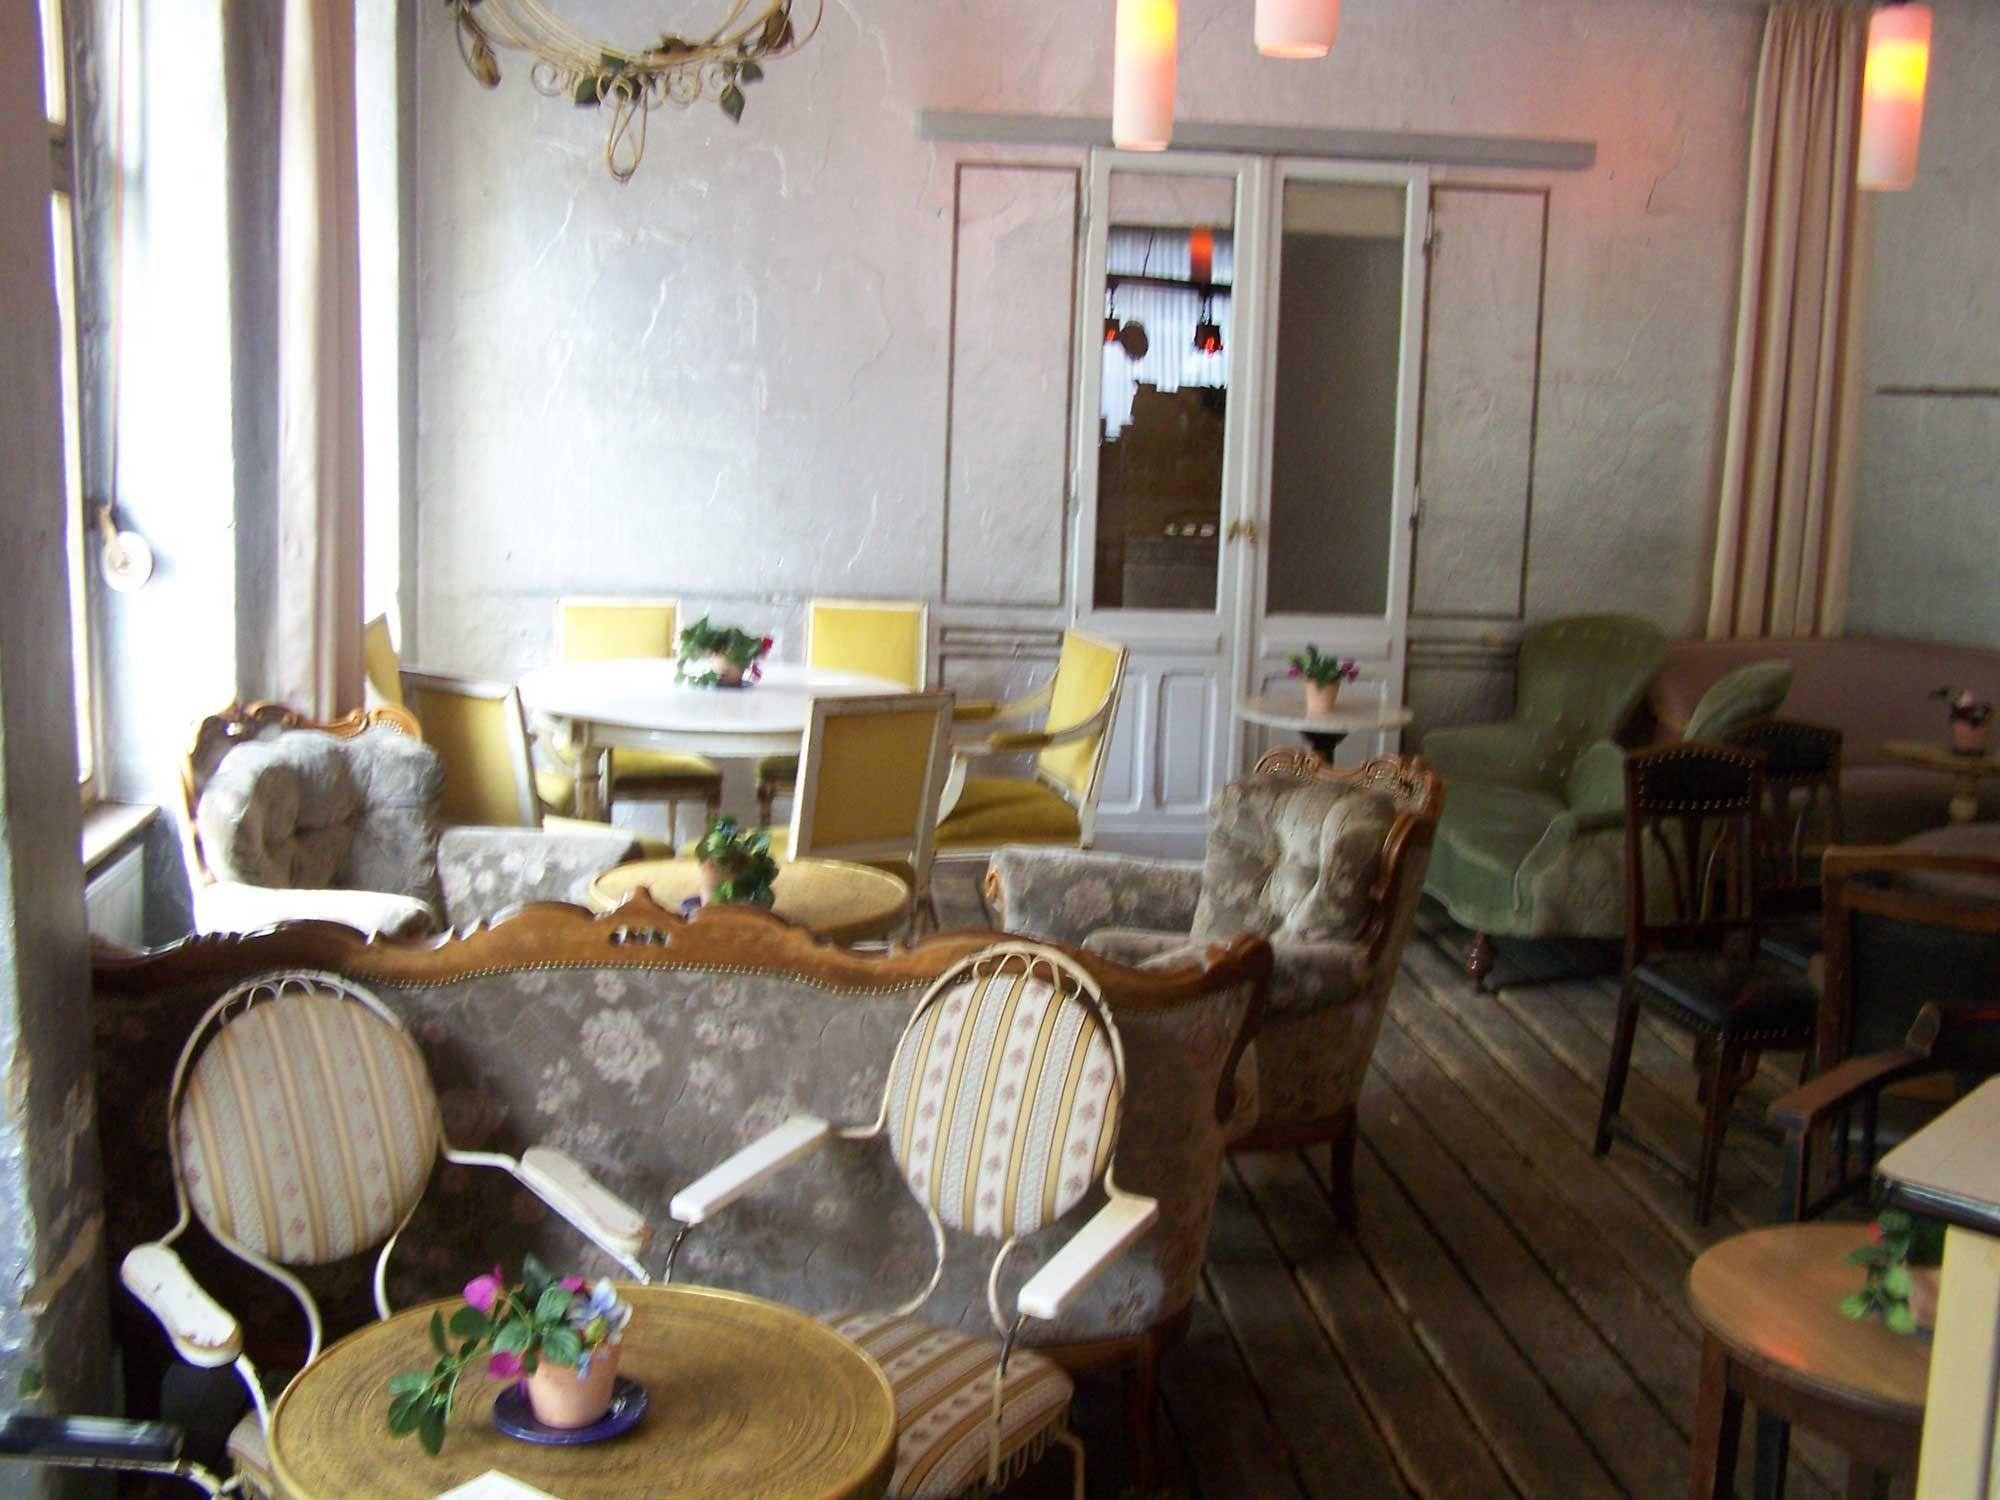 wohnzimmer prenzlauer berg Berlin  SHOP EAT SLEEP  Cafe restaurant Cafe shop und Berlin